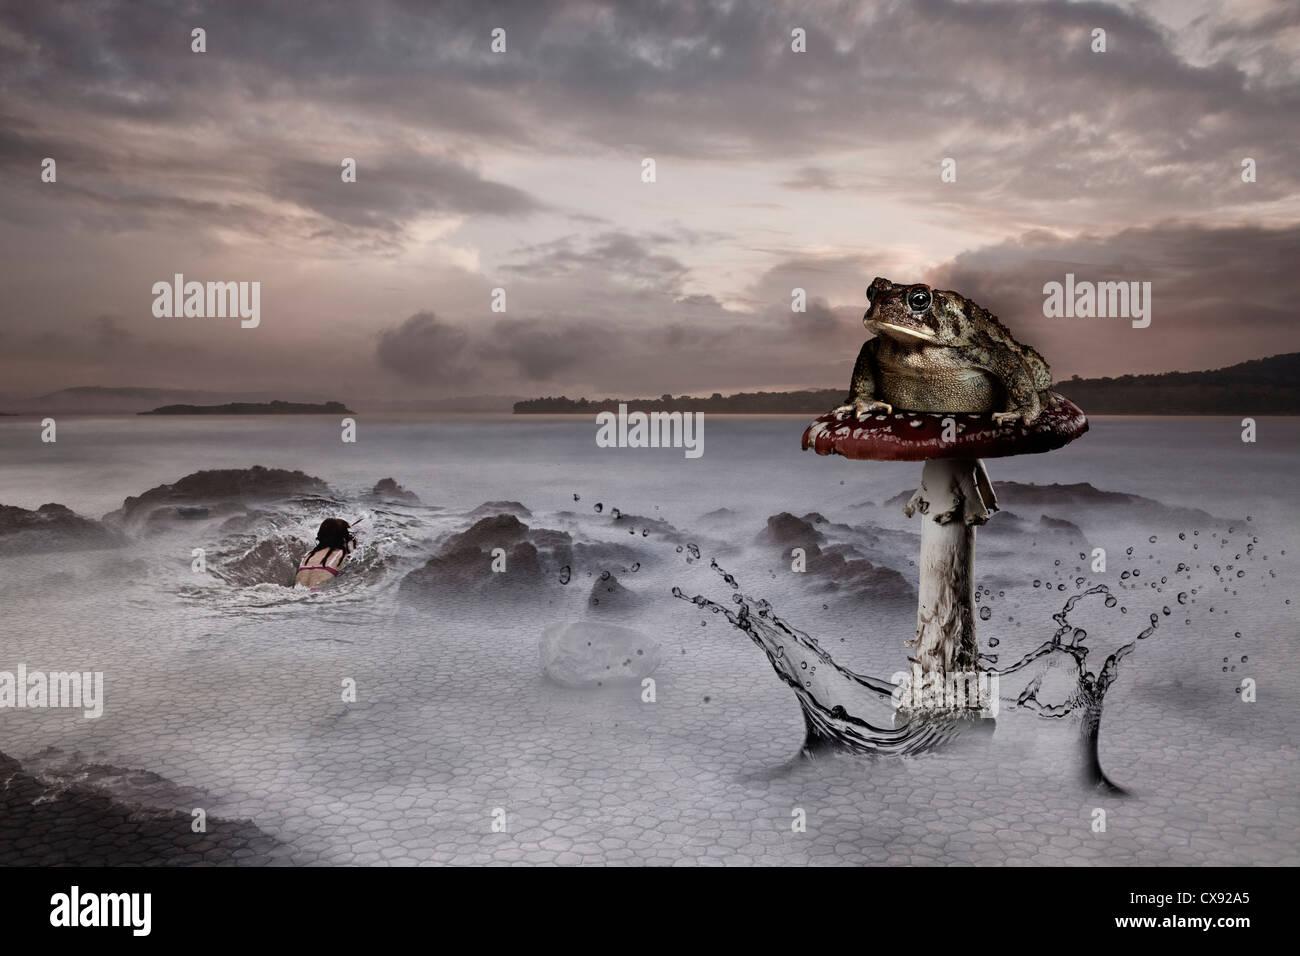 Keltische Folk-Lore - Cletic-Kultur - Wellness Heilung natürlichen Quellen Surrealismus Stockbild